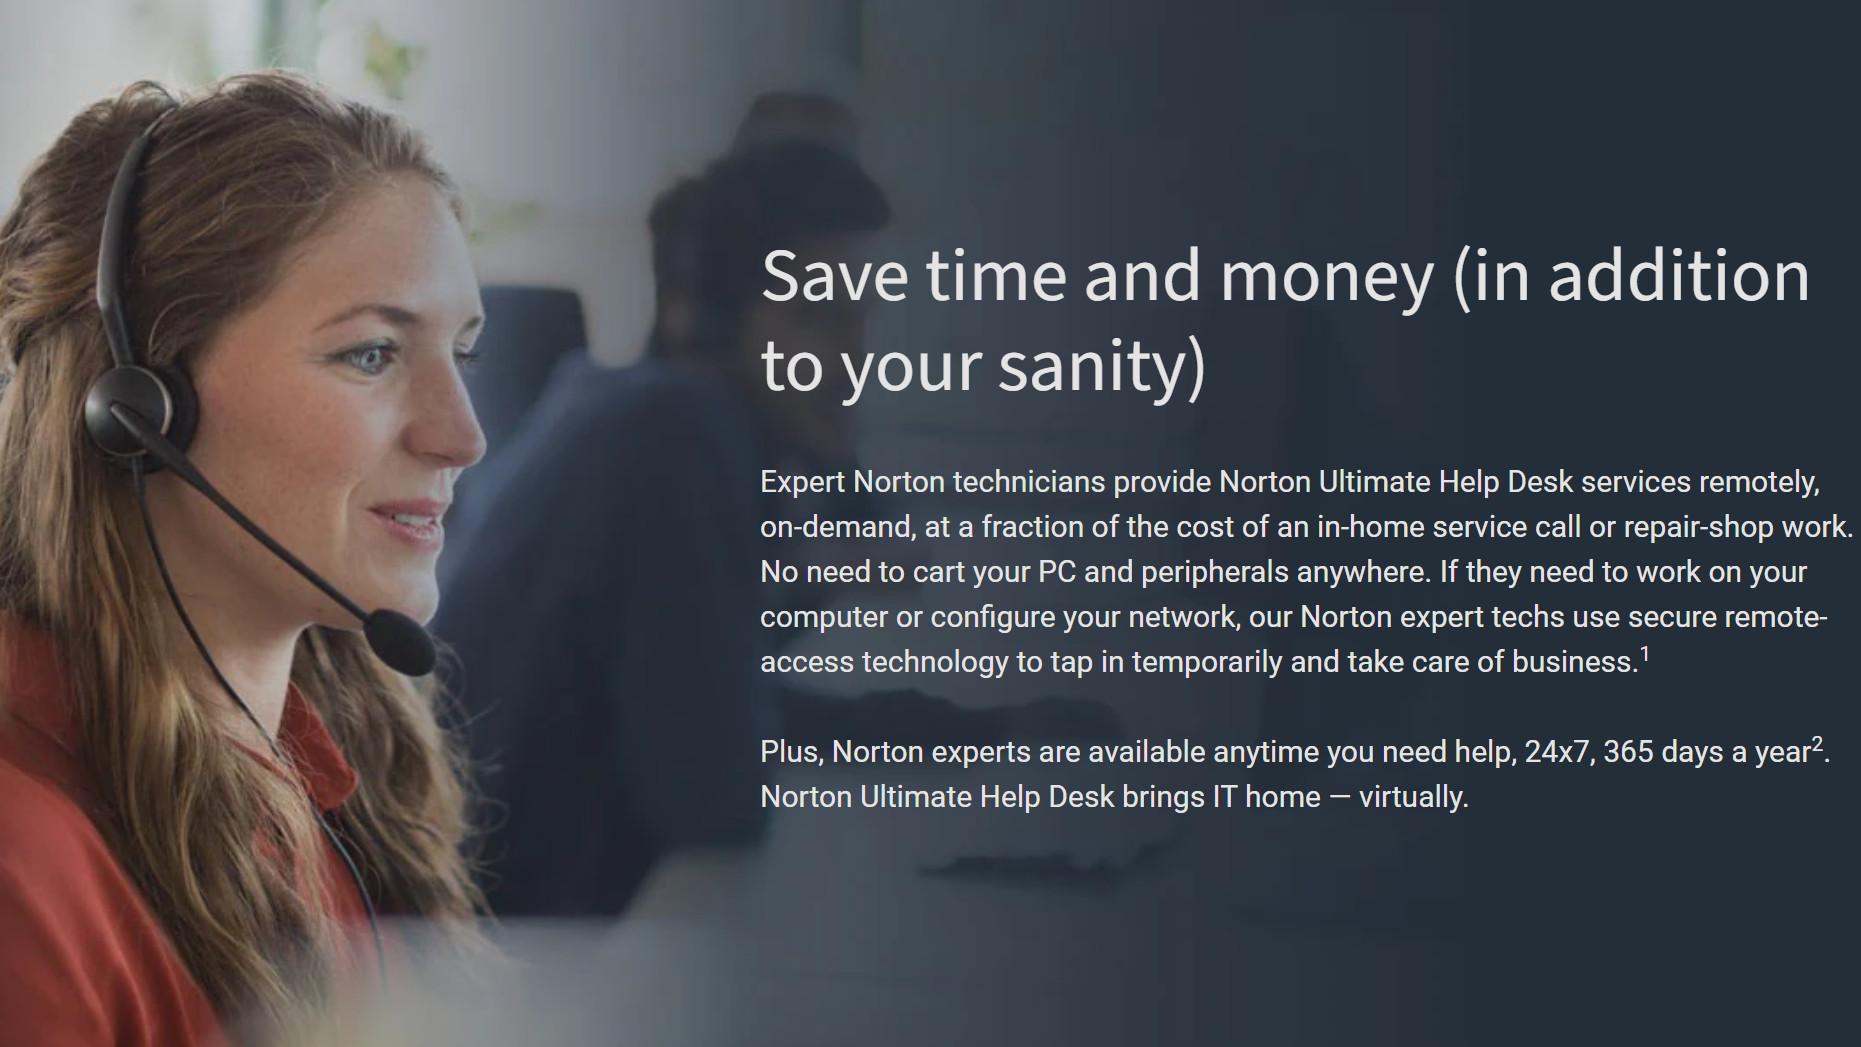 Norton Ultimate Help Desk website showing Norton Expert